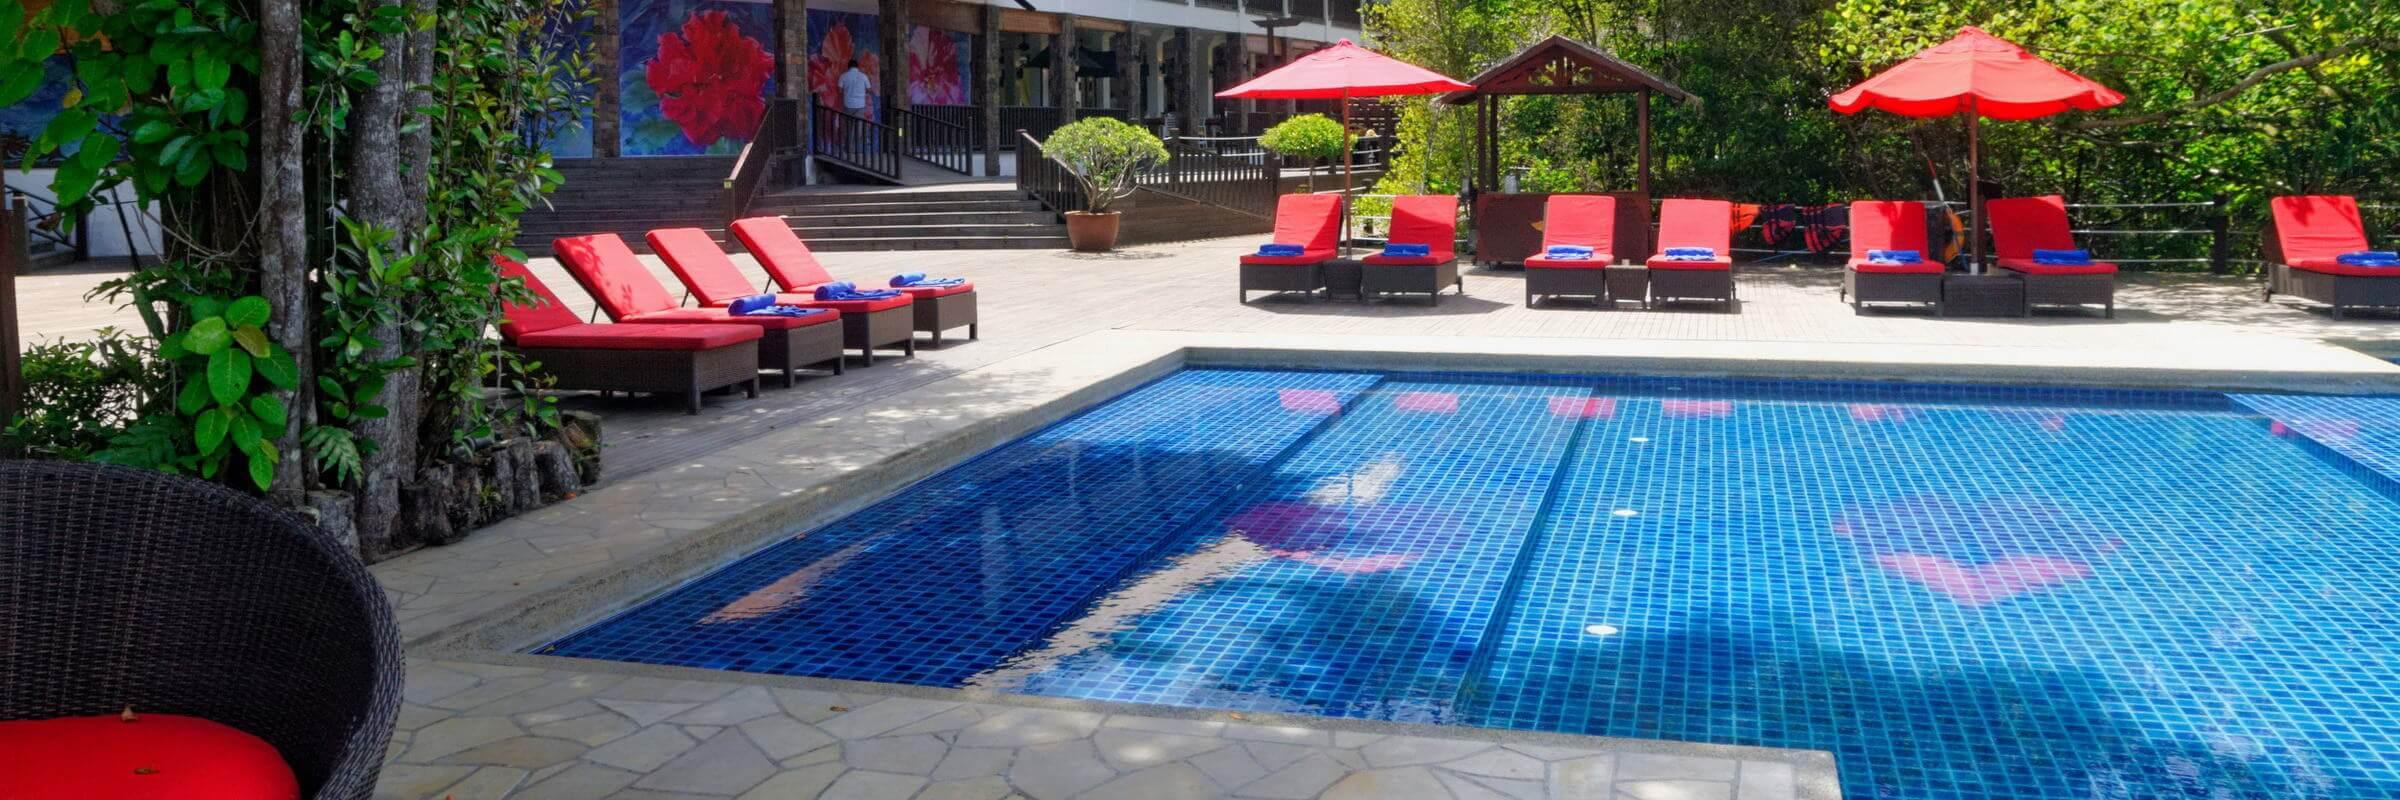 Am Strand und am Pool des Bunga Raya Island Resort & Spa werden Liegen, Badetücher und Sonnenschirme kostenfrei zur Verfügung gestellt.